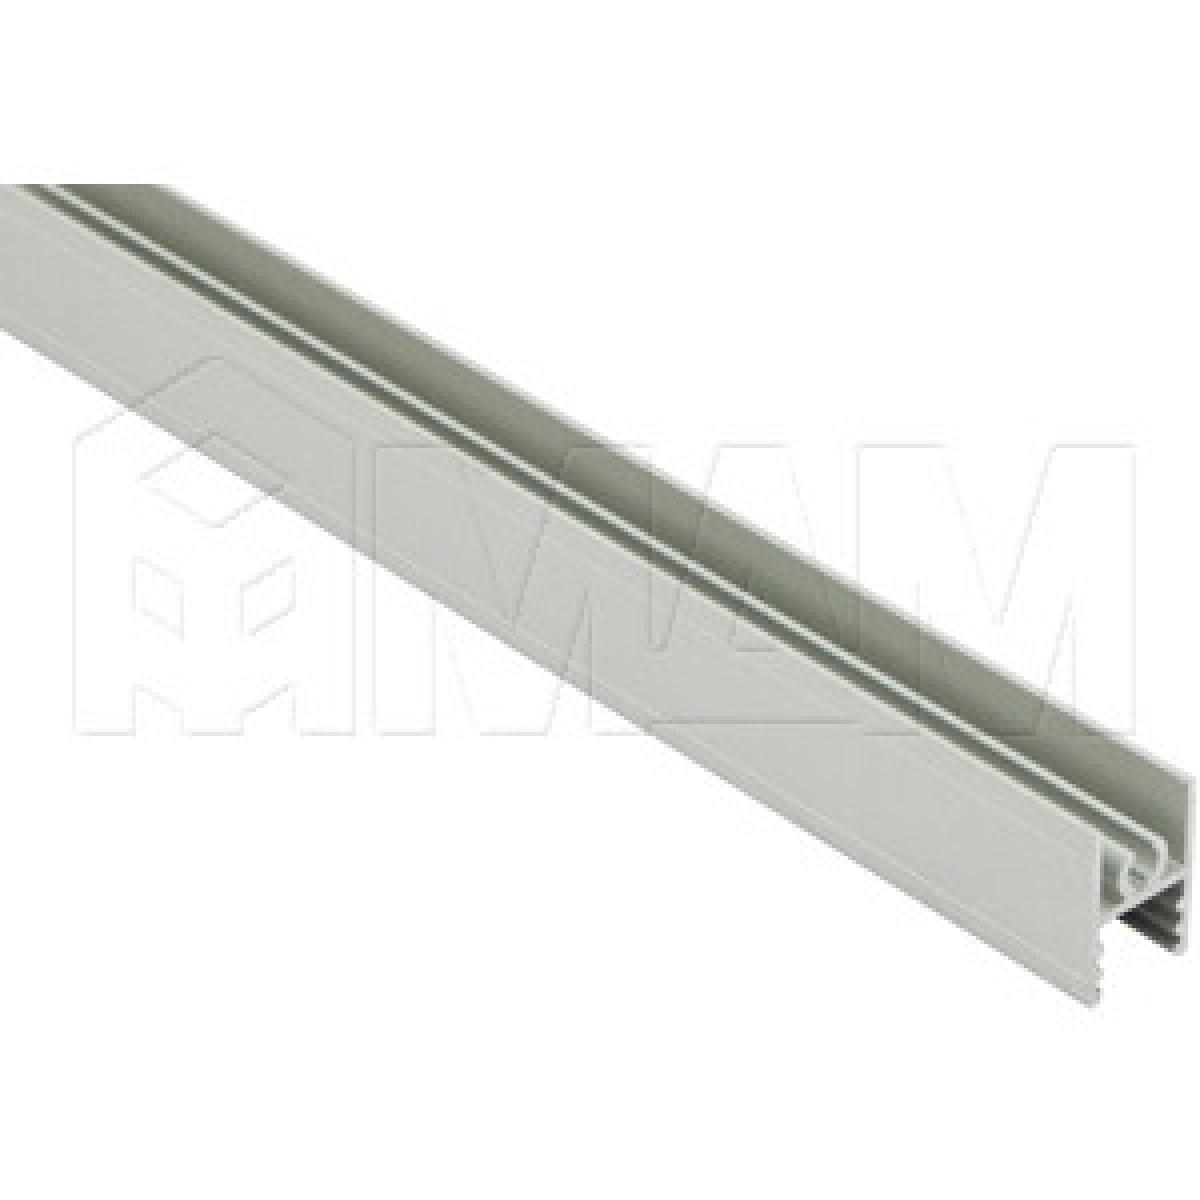 INTEGRO Горизонтальный профиль верхний серебро, L-6000